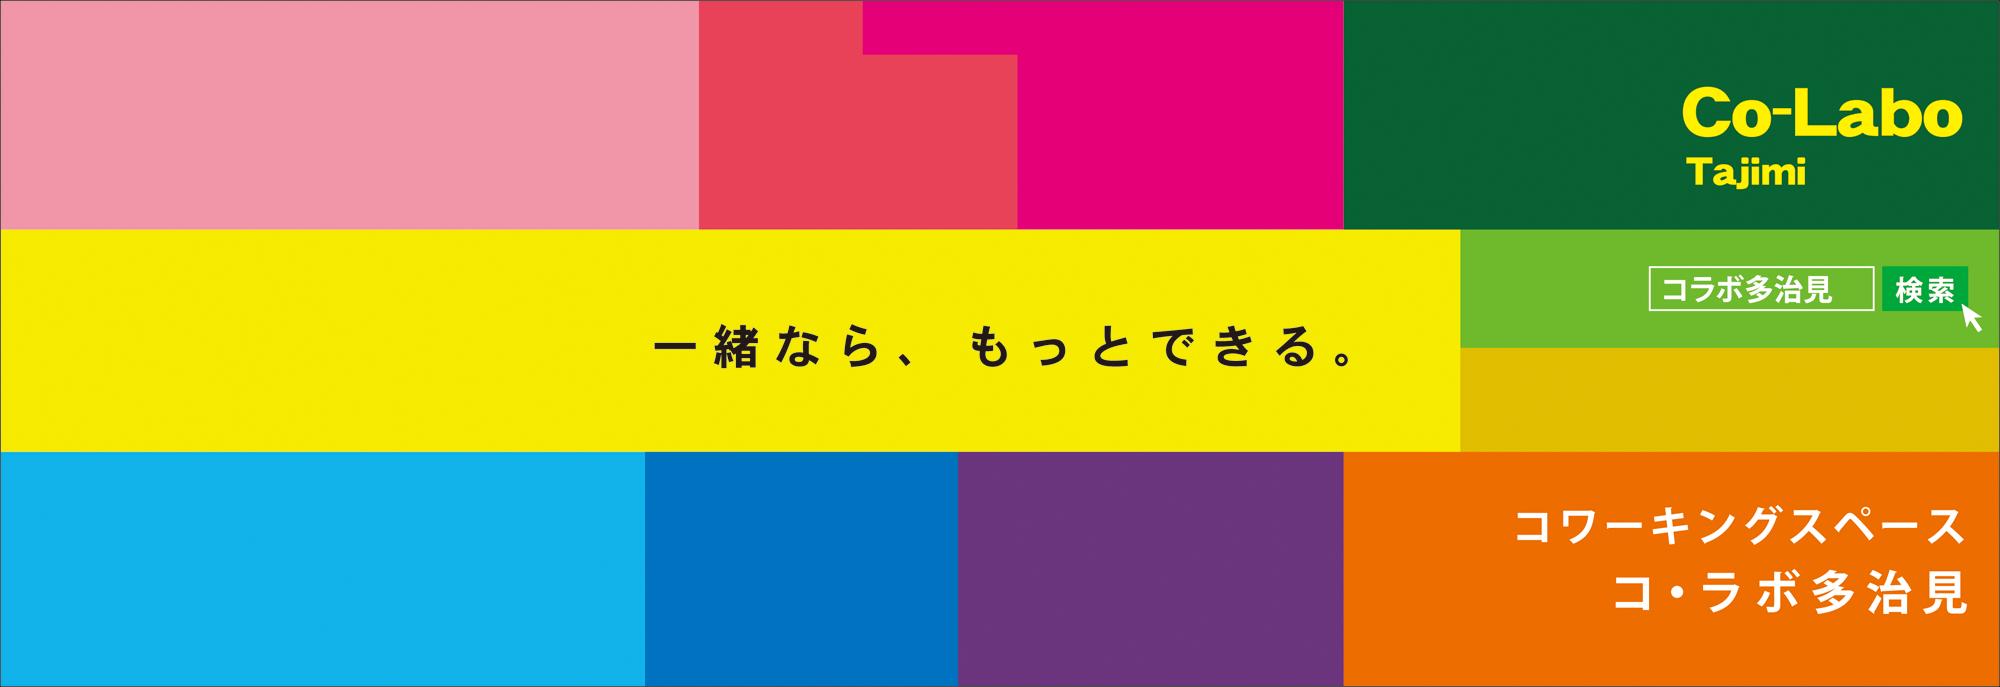 コラボ多治見 トップバナー1.png